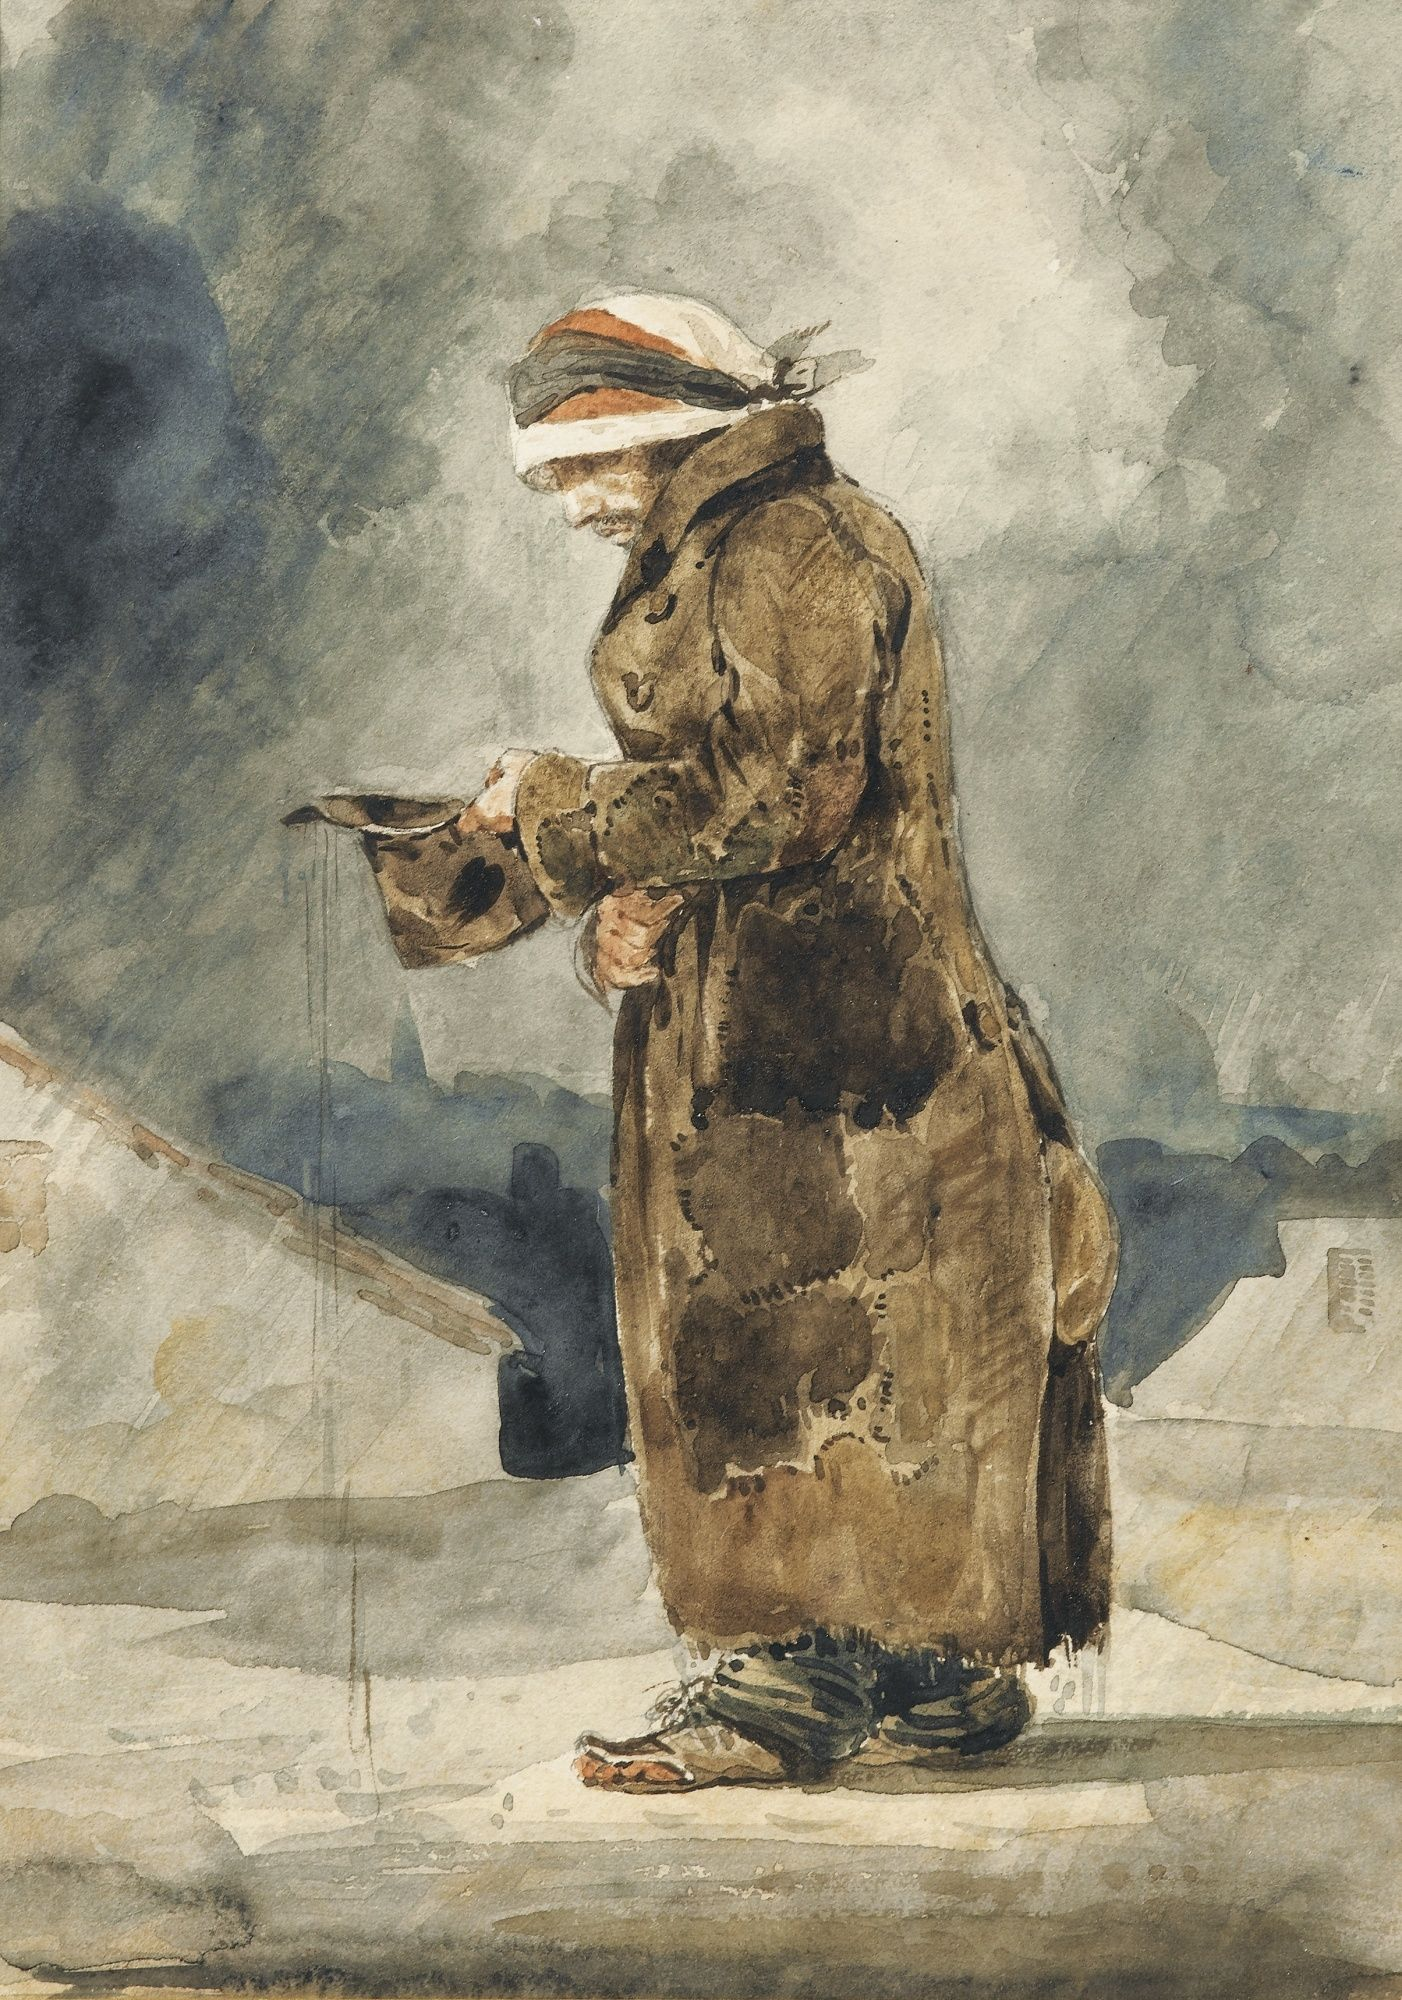 Mendiant anglais, Eugène Delacroix, 1825, aquarelle sur papier. Collection particulière. (avec ...